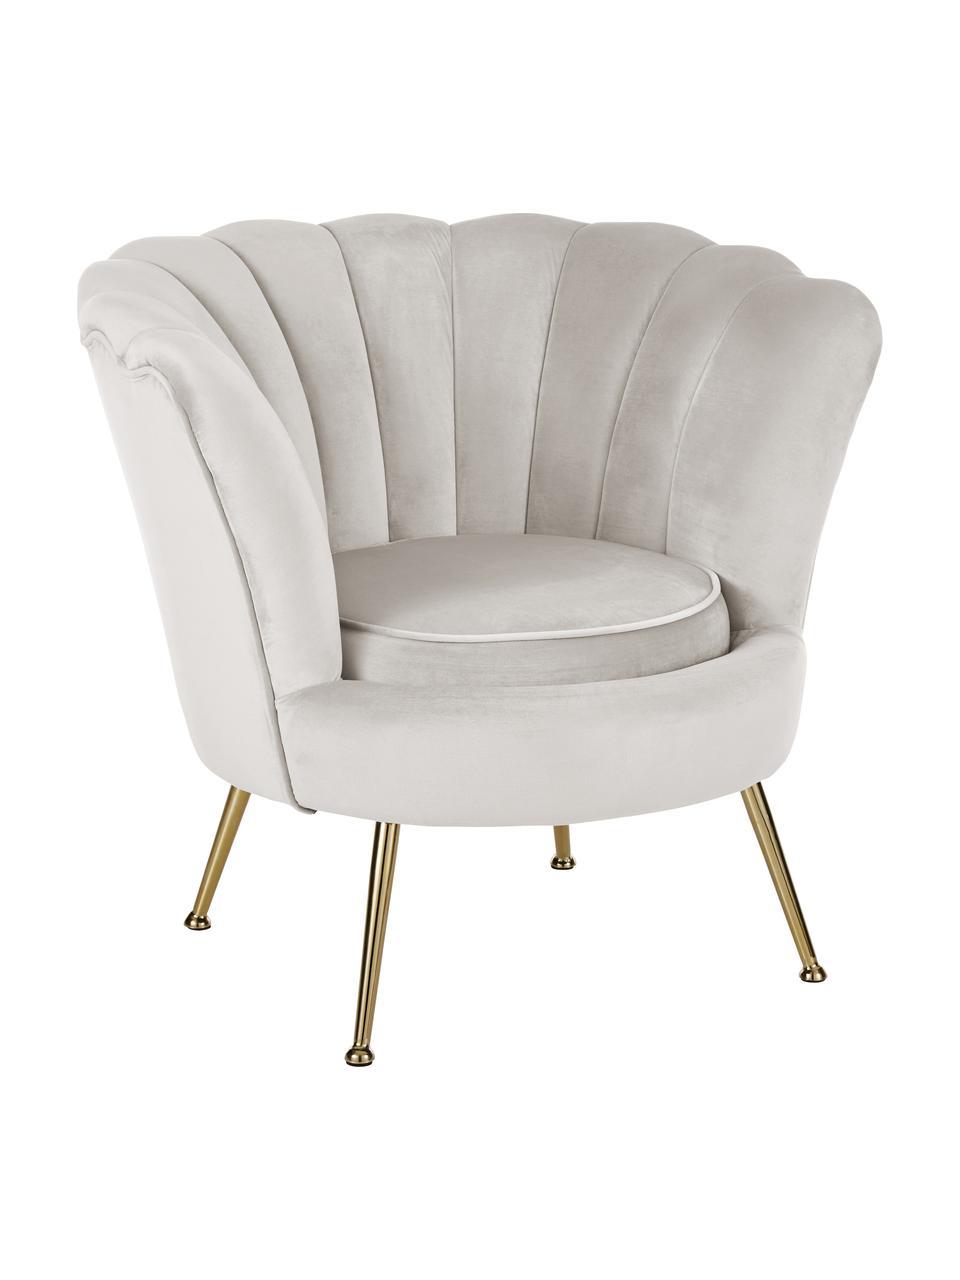 Samt-Sessel Oyster in Beige, Bezug: Samt (Polyester) 30.000 S, Gestell: Sperrholz, Füße: Metall, galvanisiert, Samt Cremeweiß , 81 x 75 cm